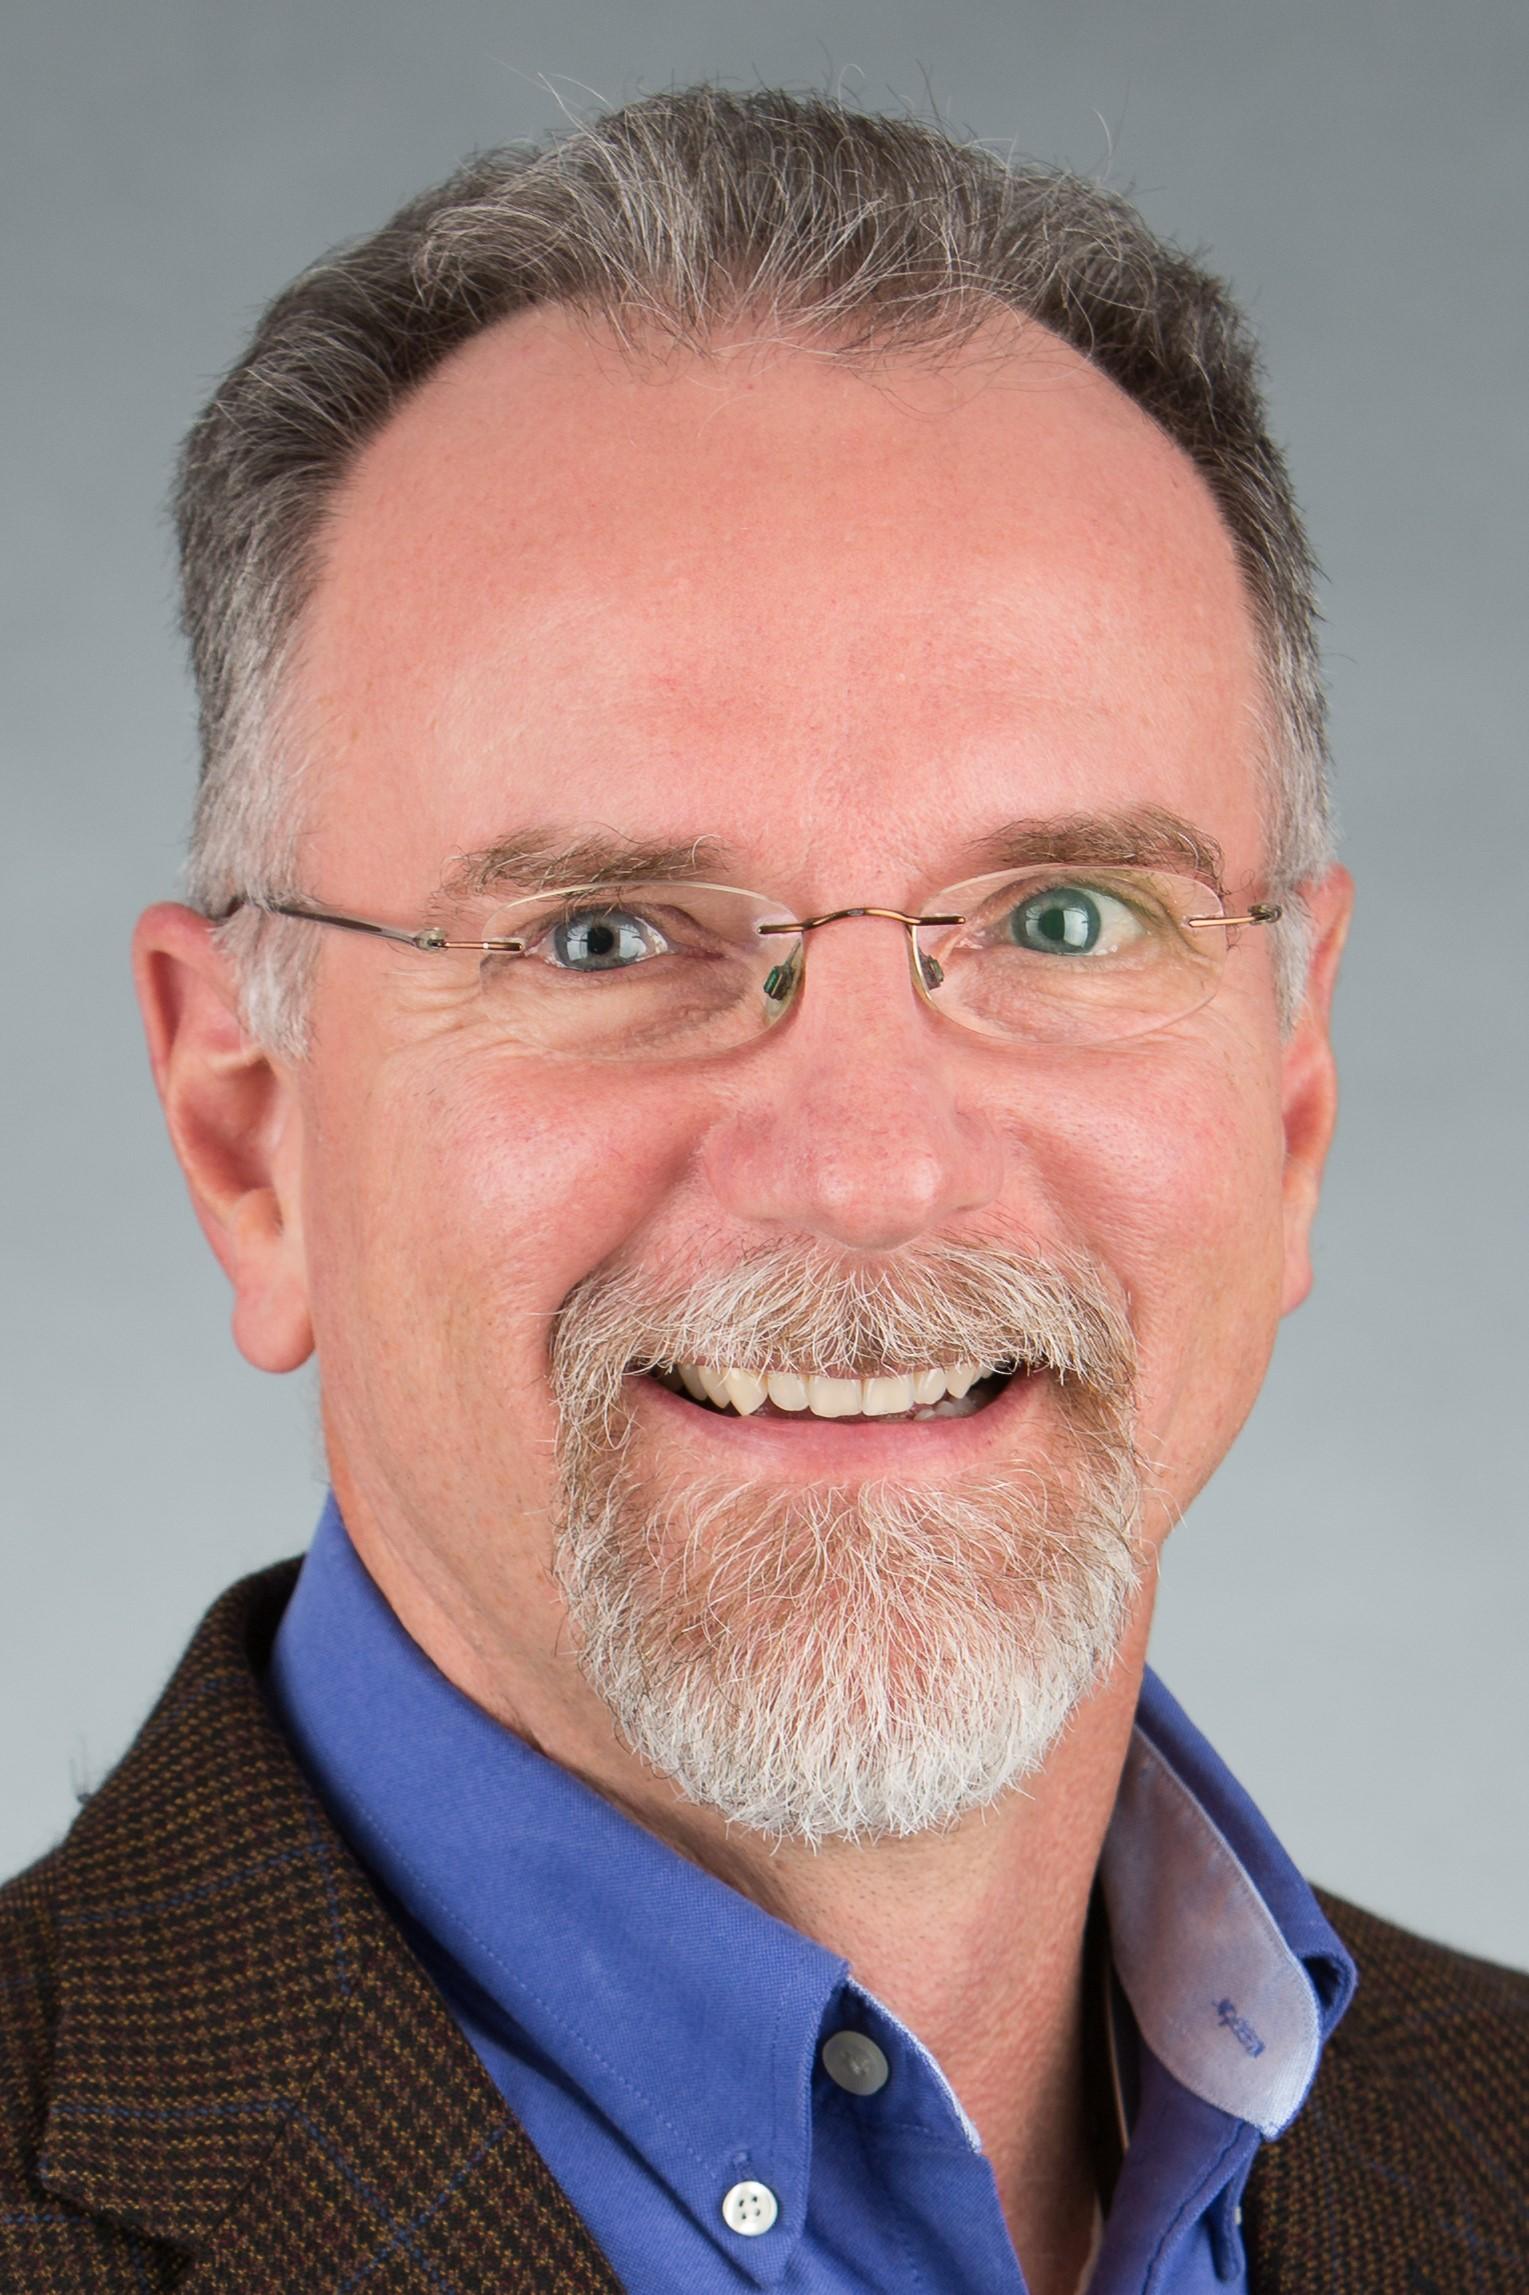 Doug Smidley